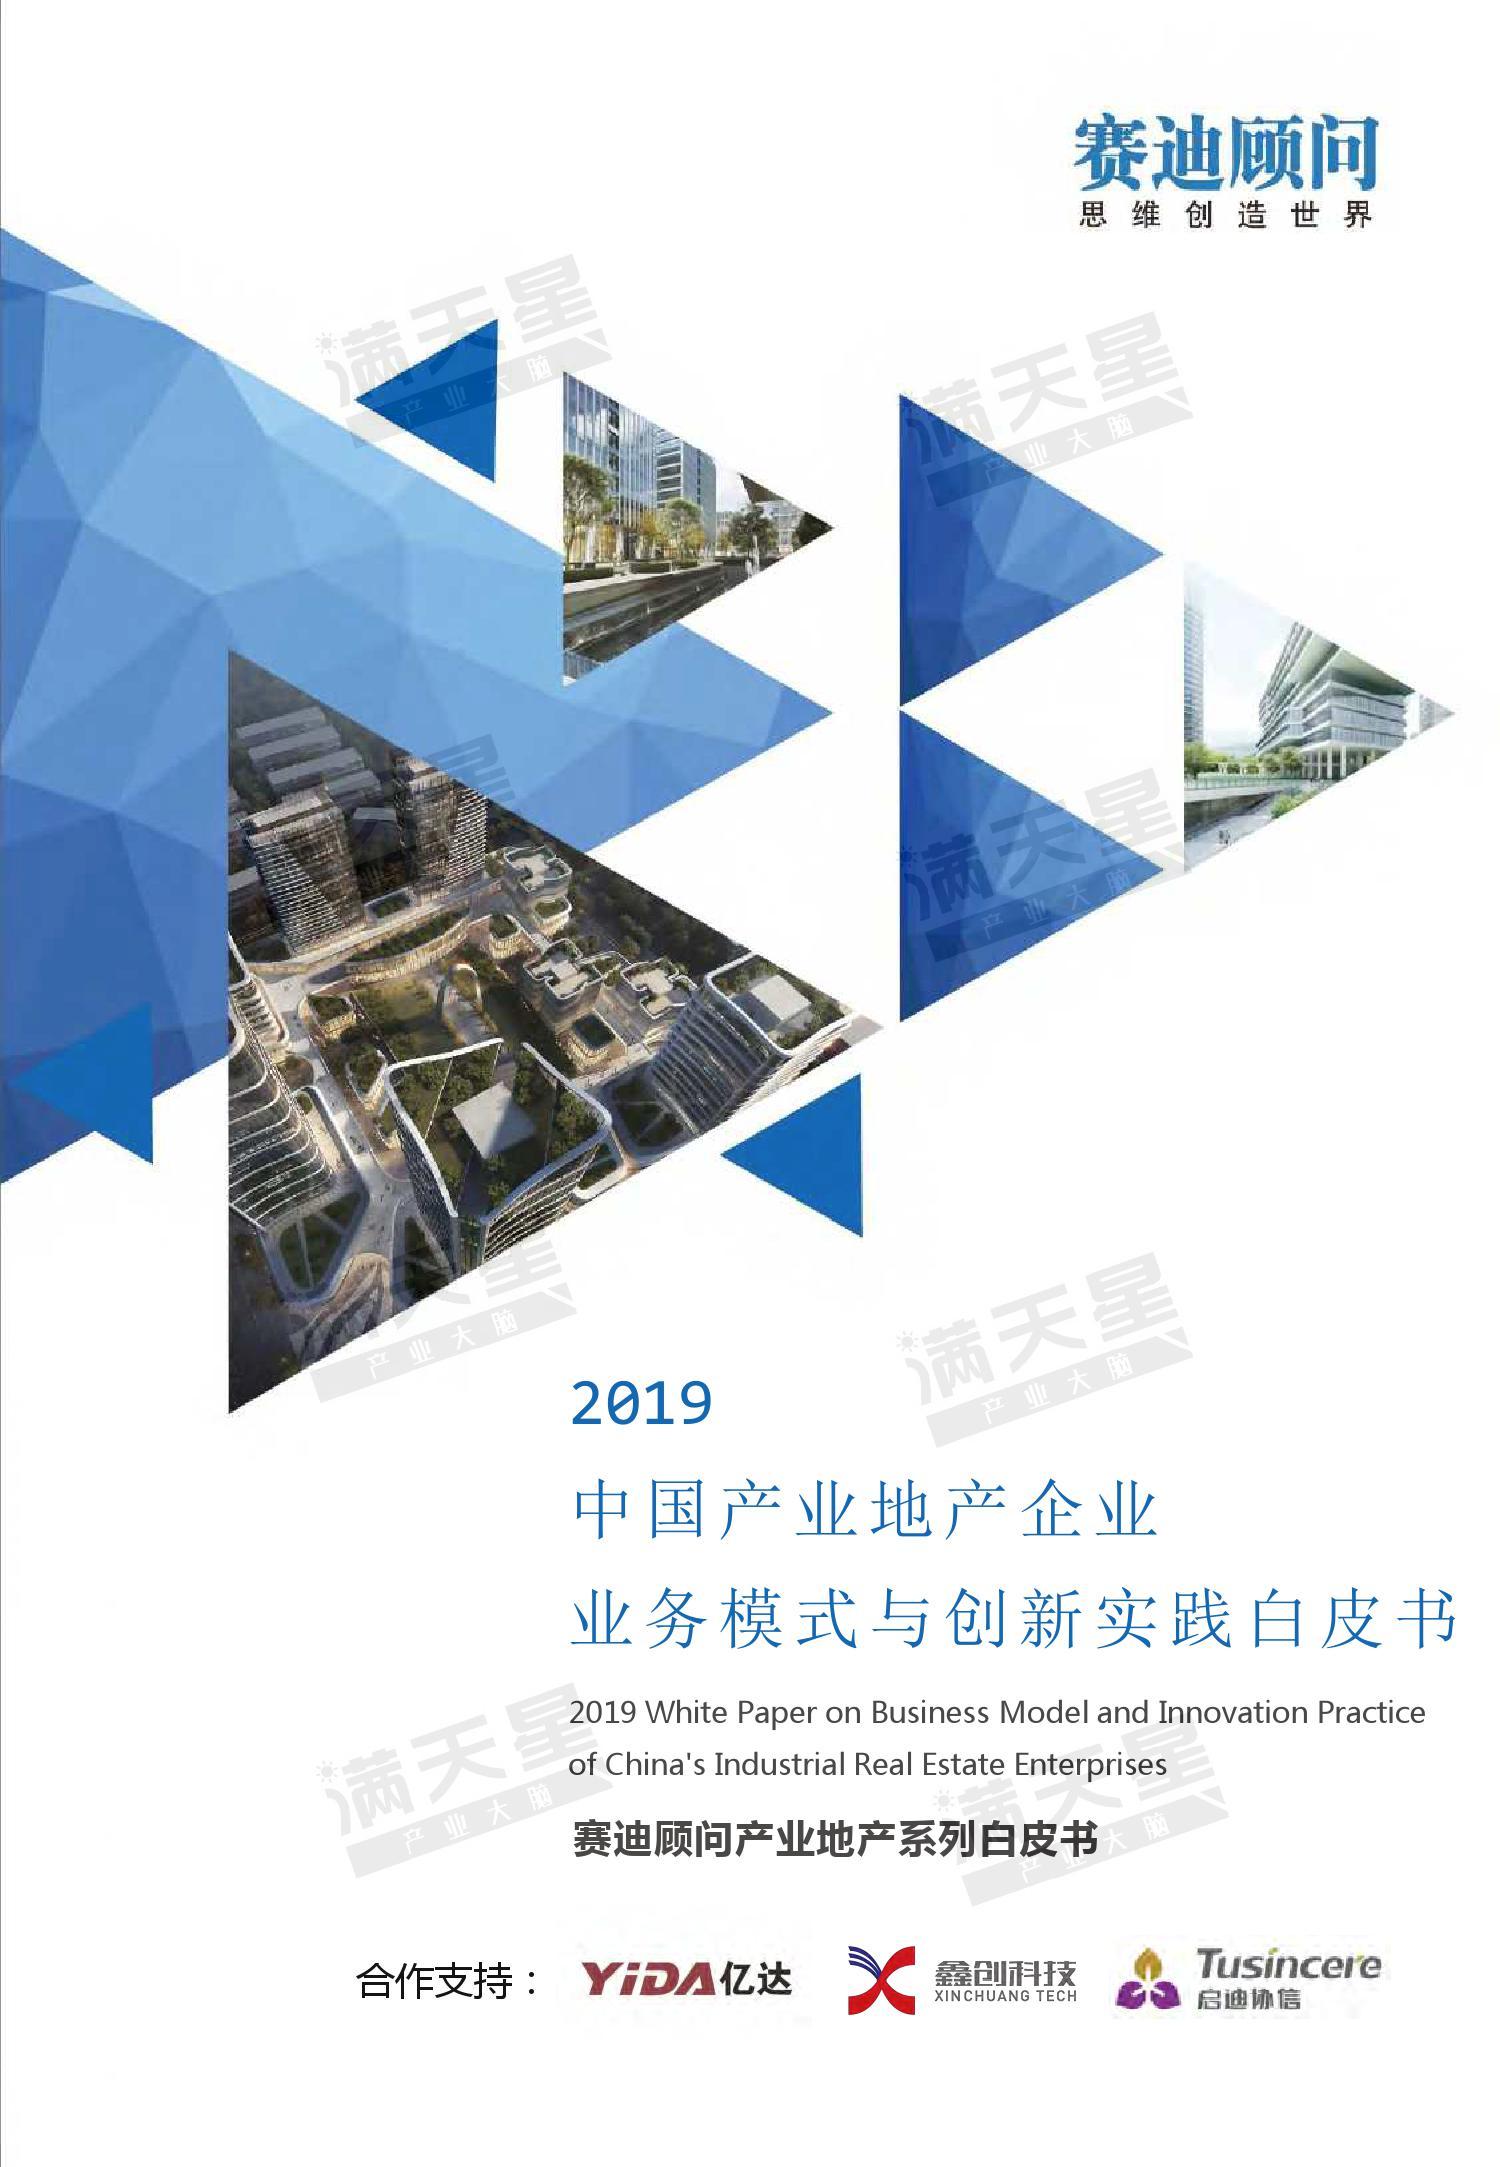 赛迪:2019中国产业地产企业业务模式与创新实践白皮书(附下载)